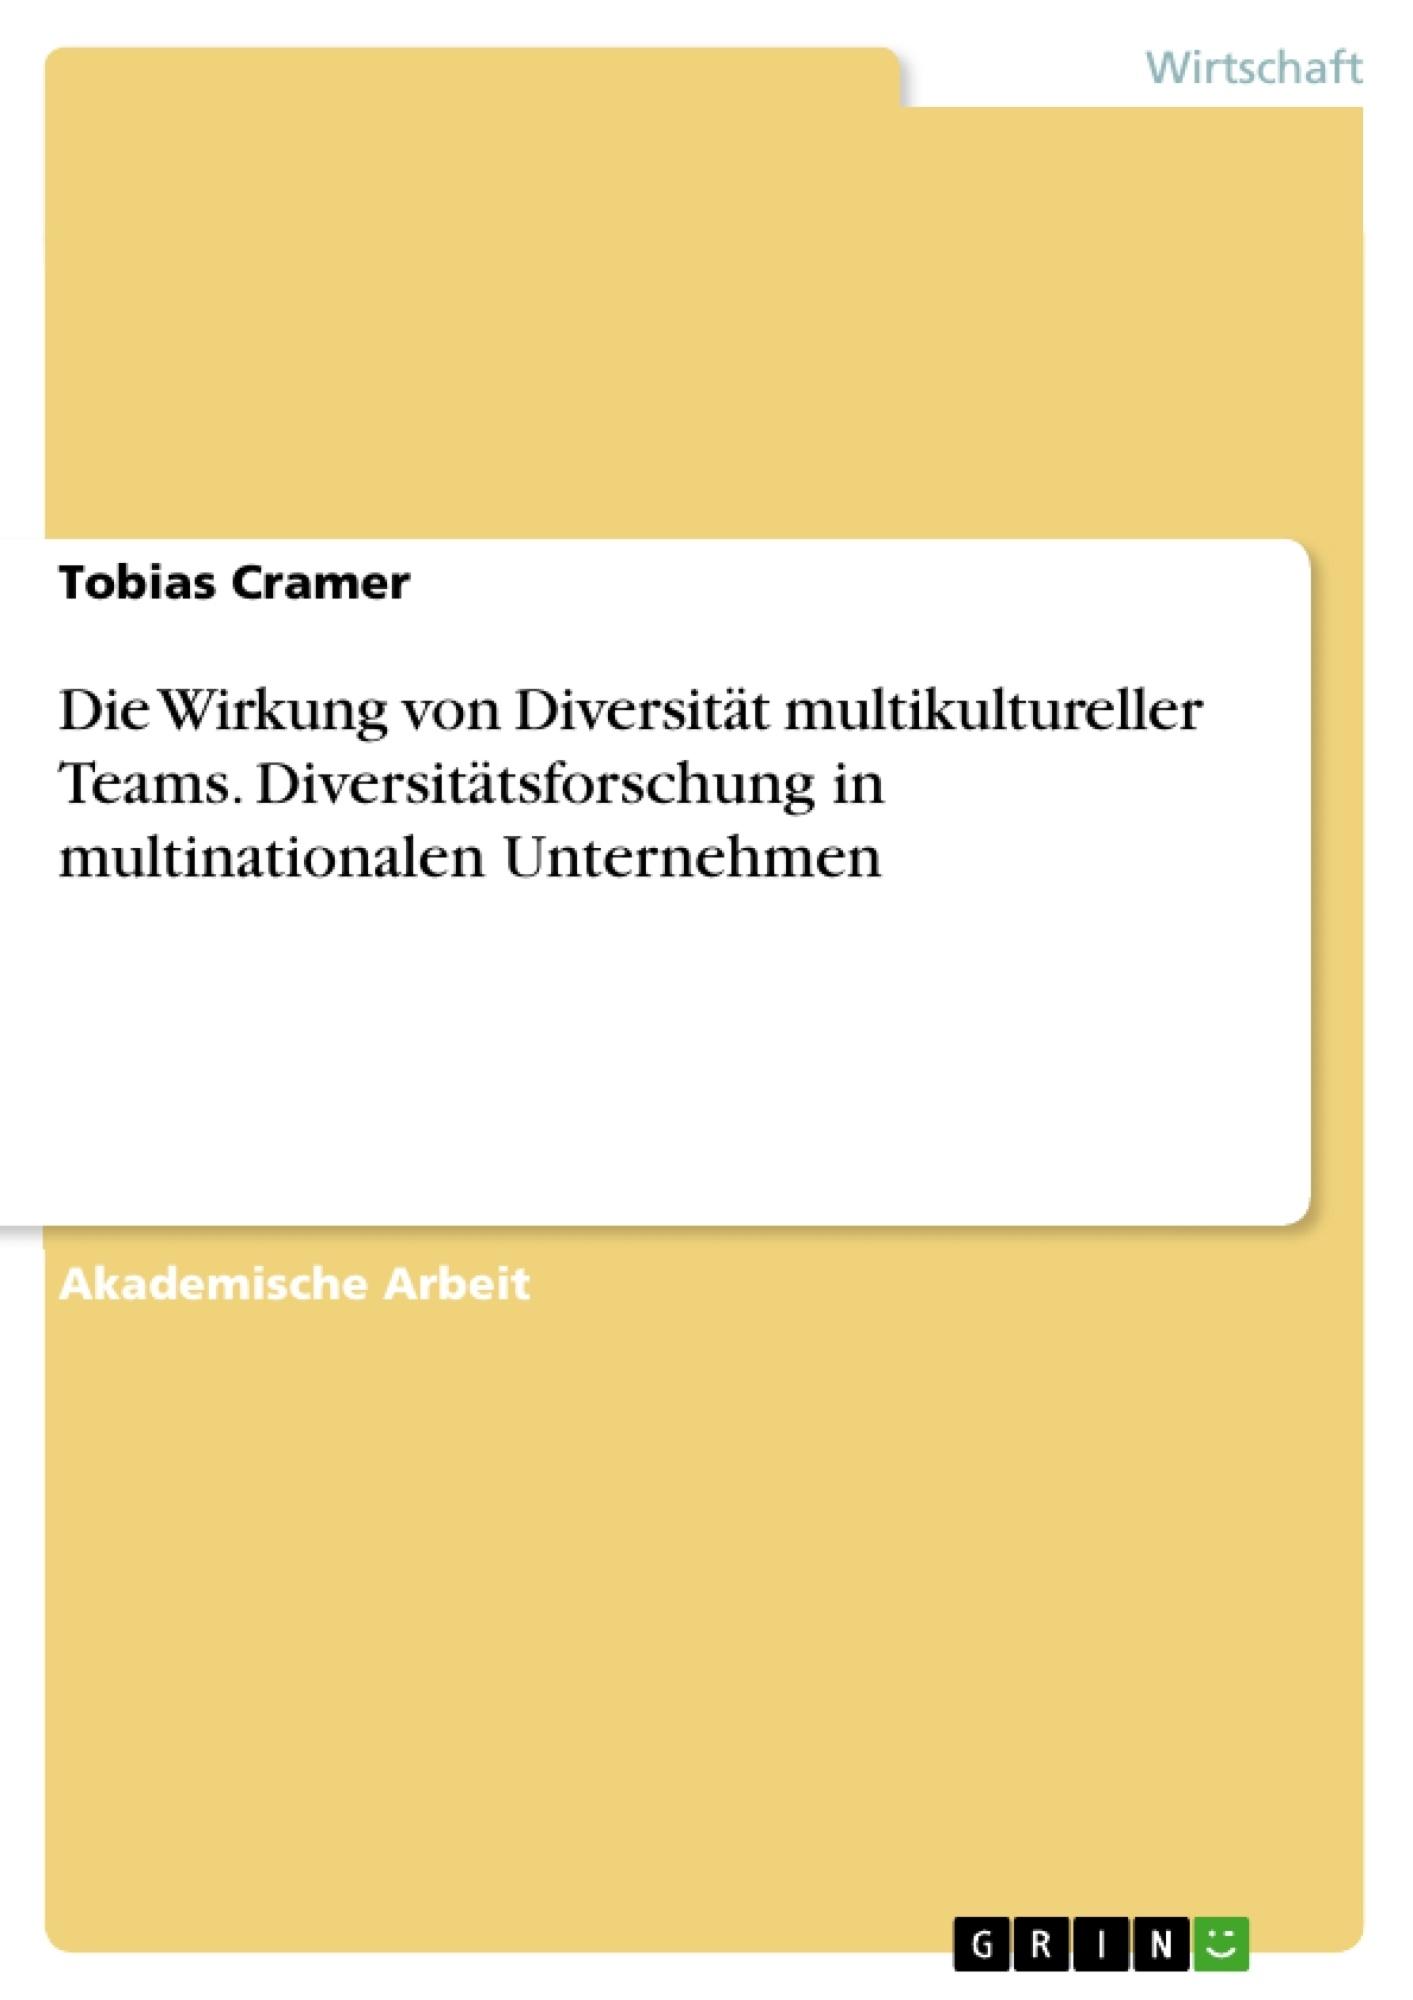 Titel: Die Wirkung von Diversität multikultureller Teams. Diversitätsforschung in multinationalen Unternehmen